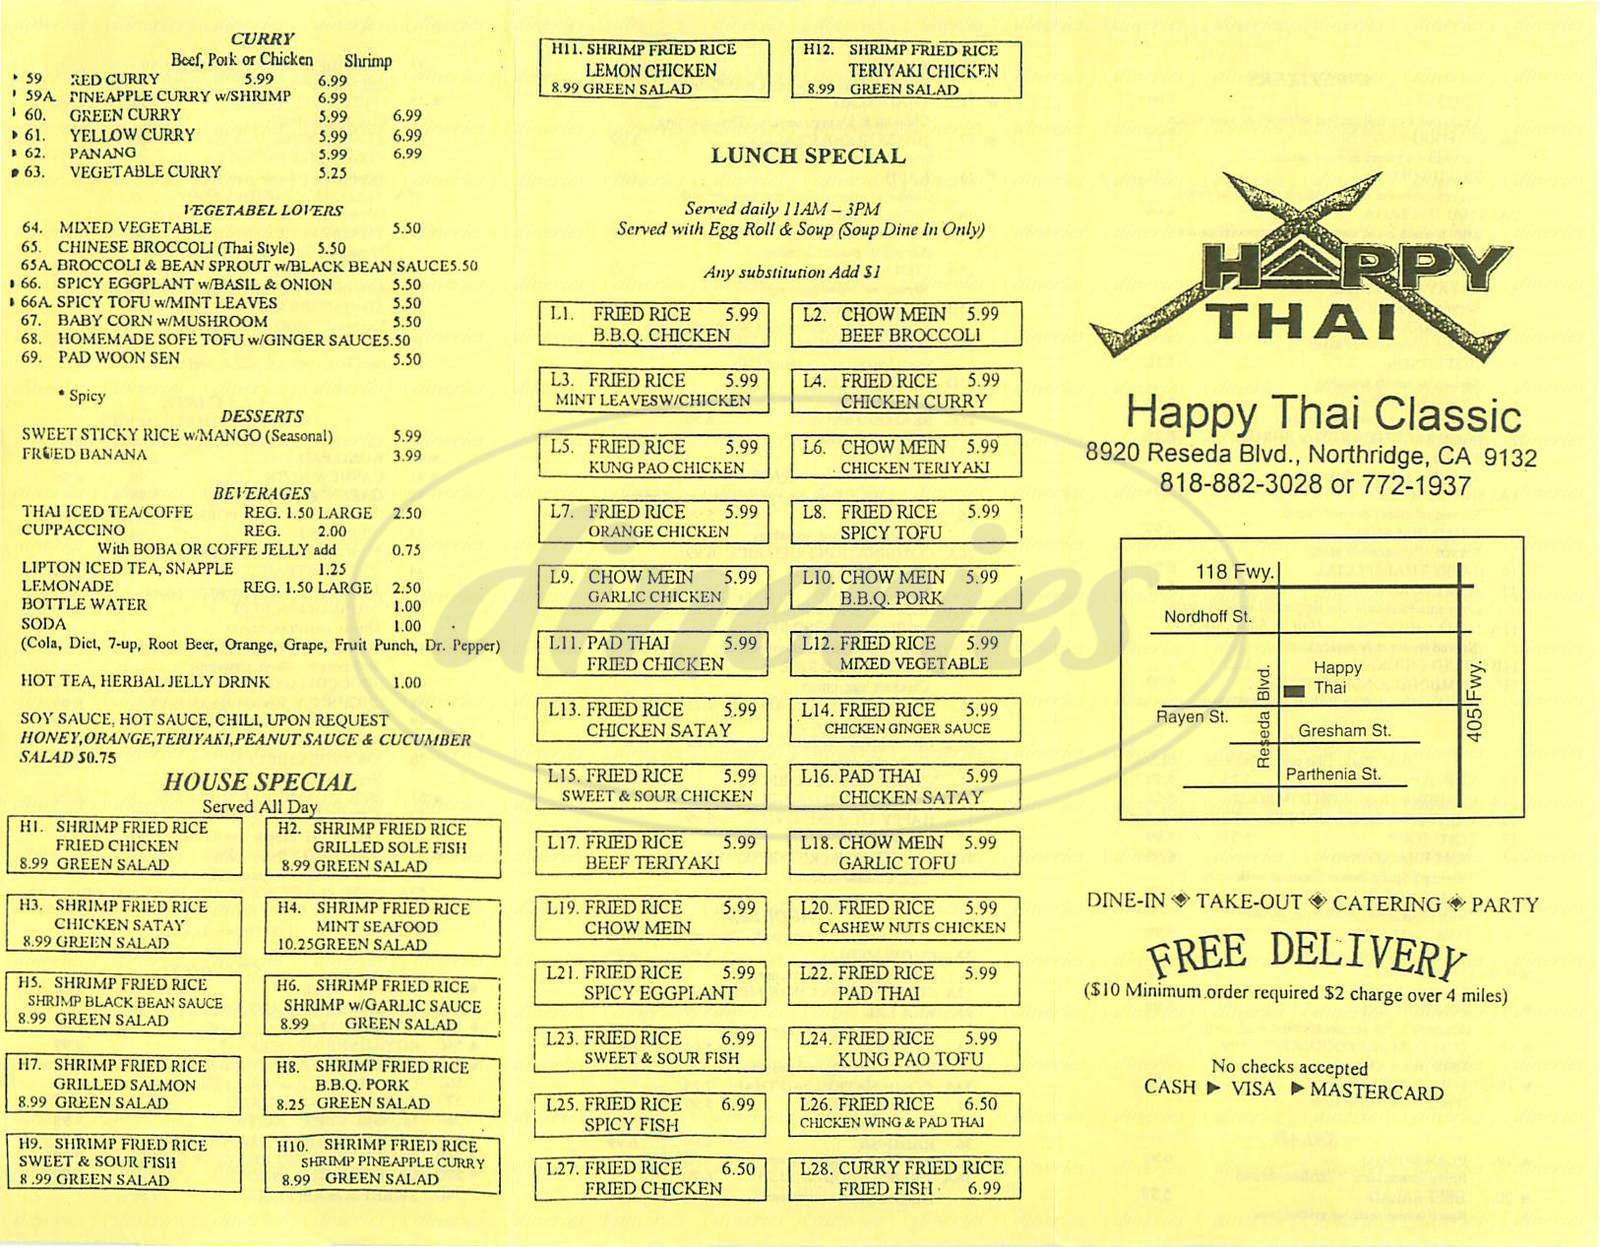 menu for Happy Thai Classic